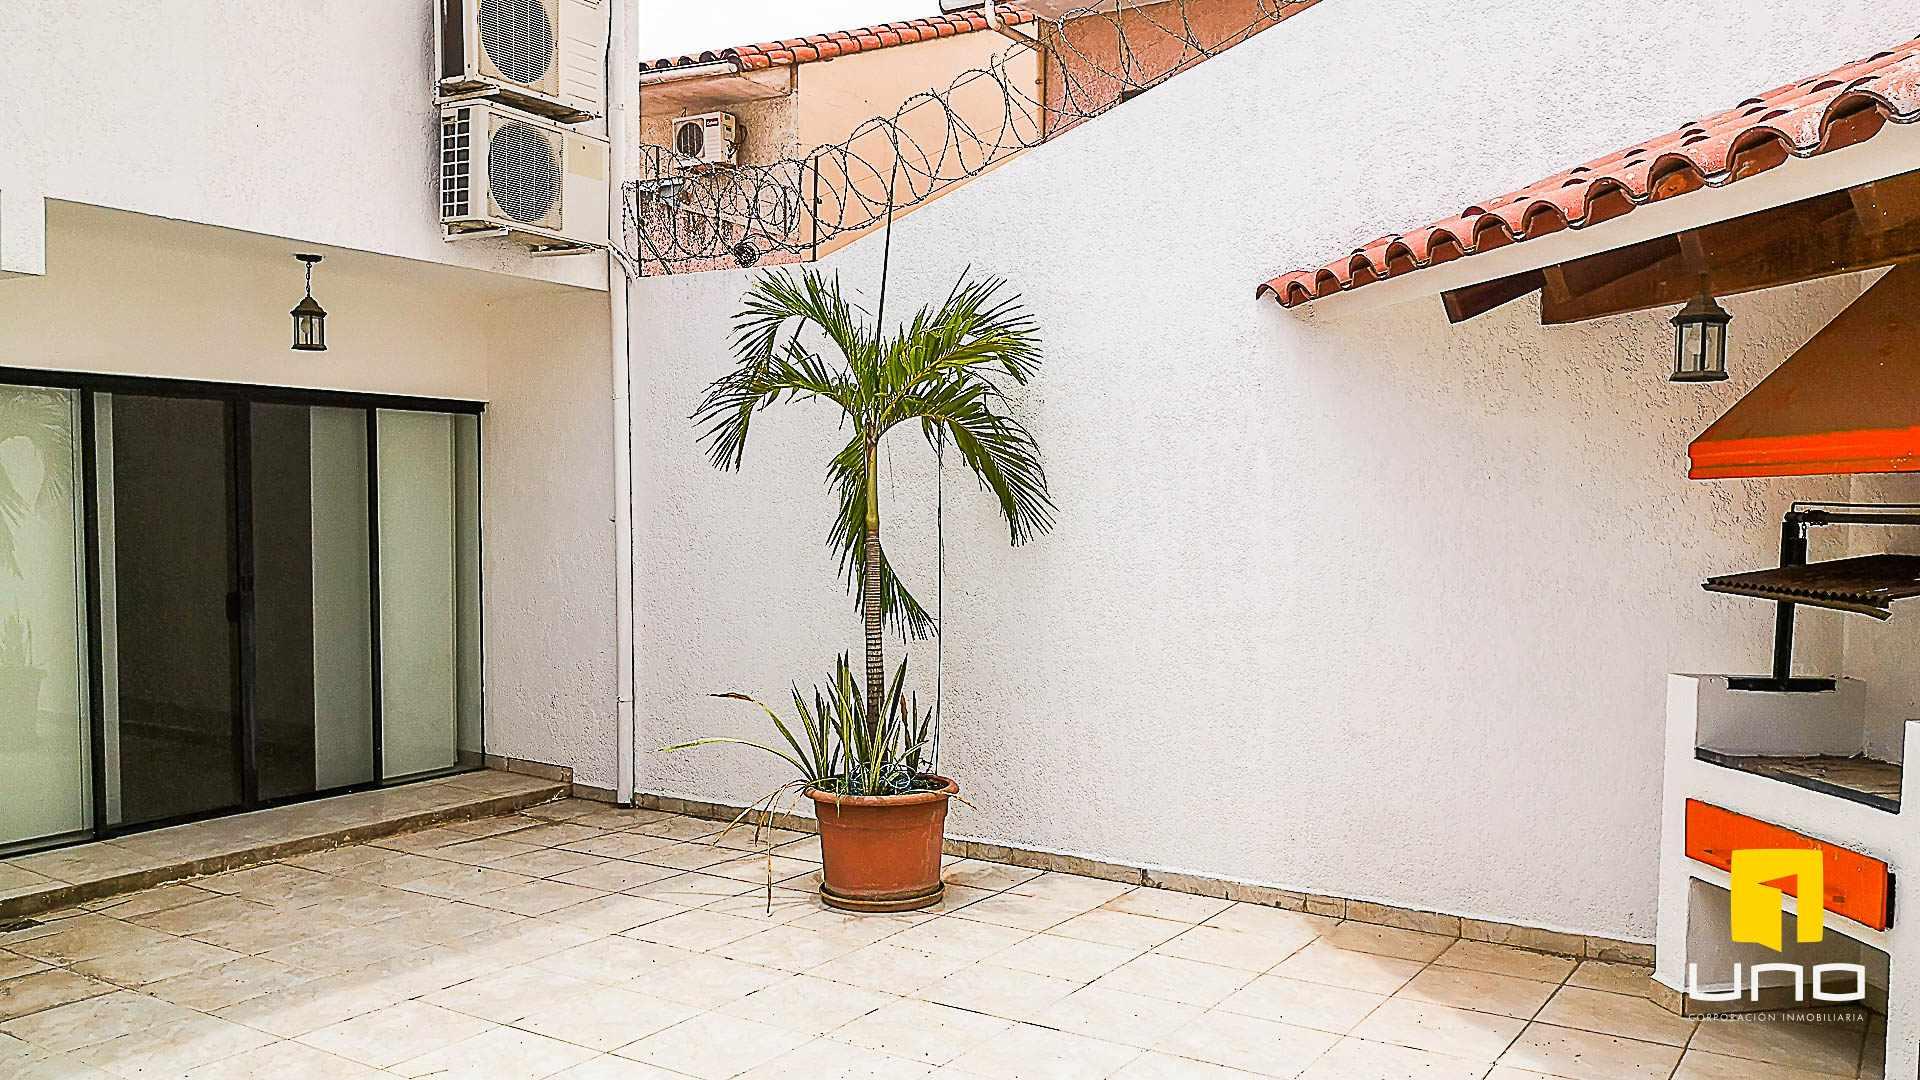 Casa en Venta $us 150.000 VENDO CASA AV ALEMANA DENTRO 3ER ANILLO TIPO DUPLEX Foto 6